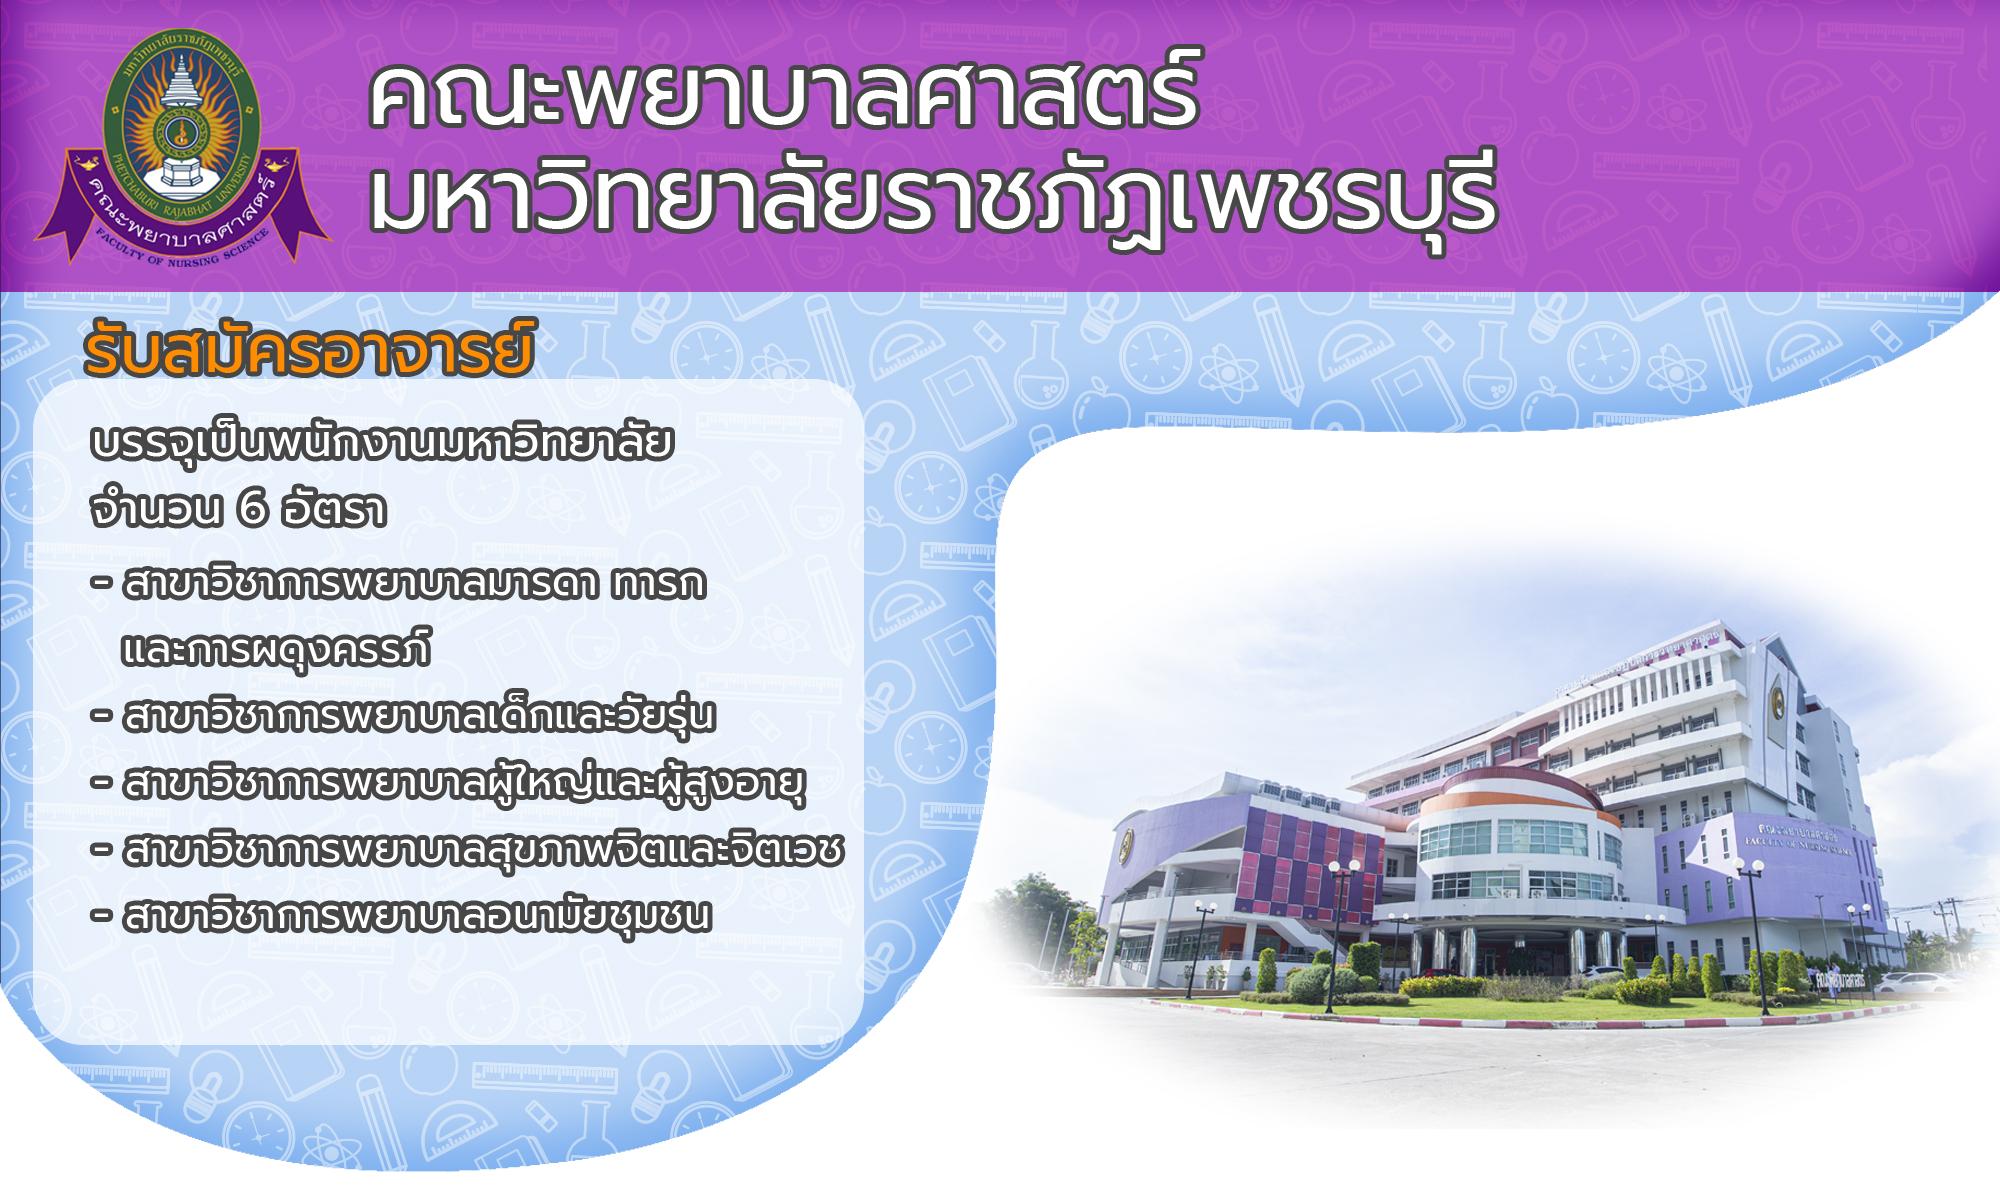 ประกาศมหาวิทยาลัยราชภัฏเพชรบุรี เรื่อง รับสมัครบุคคลทั่วไปเพื่อสอบแข่งขันเป็นพนักงานมหาวิทยาลัย ตำแหน่งประเภทวิชาการ ครั้งที่ 1/2561